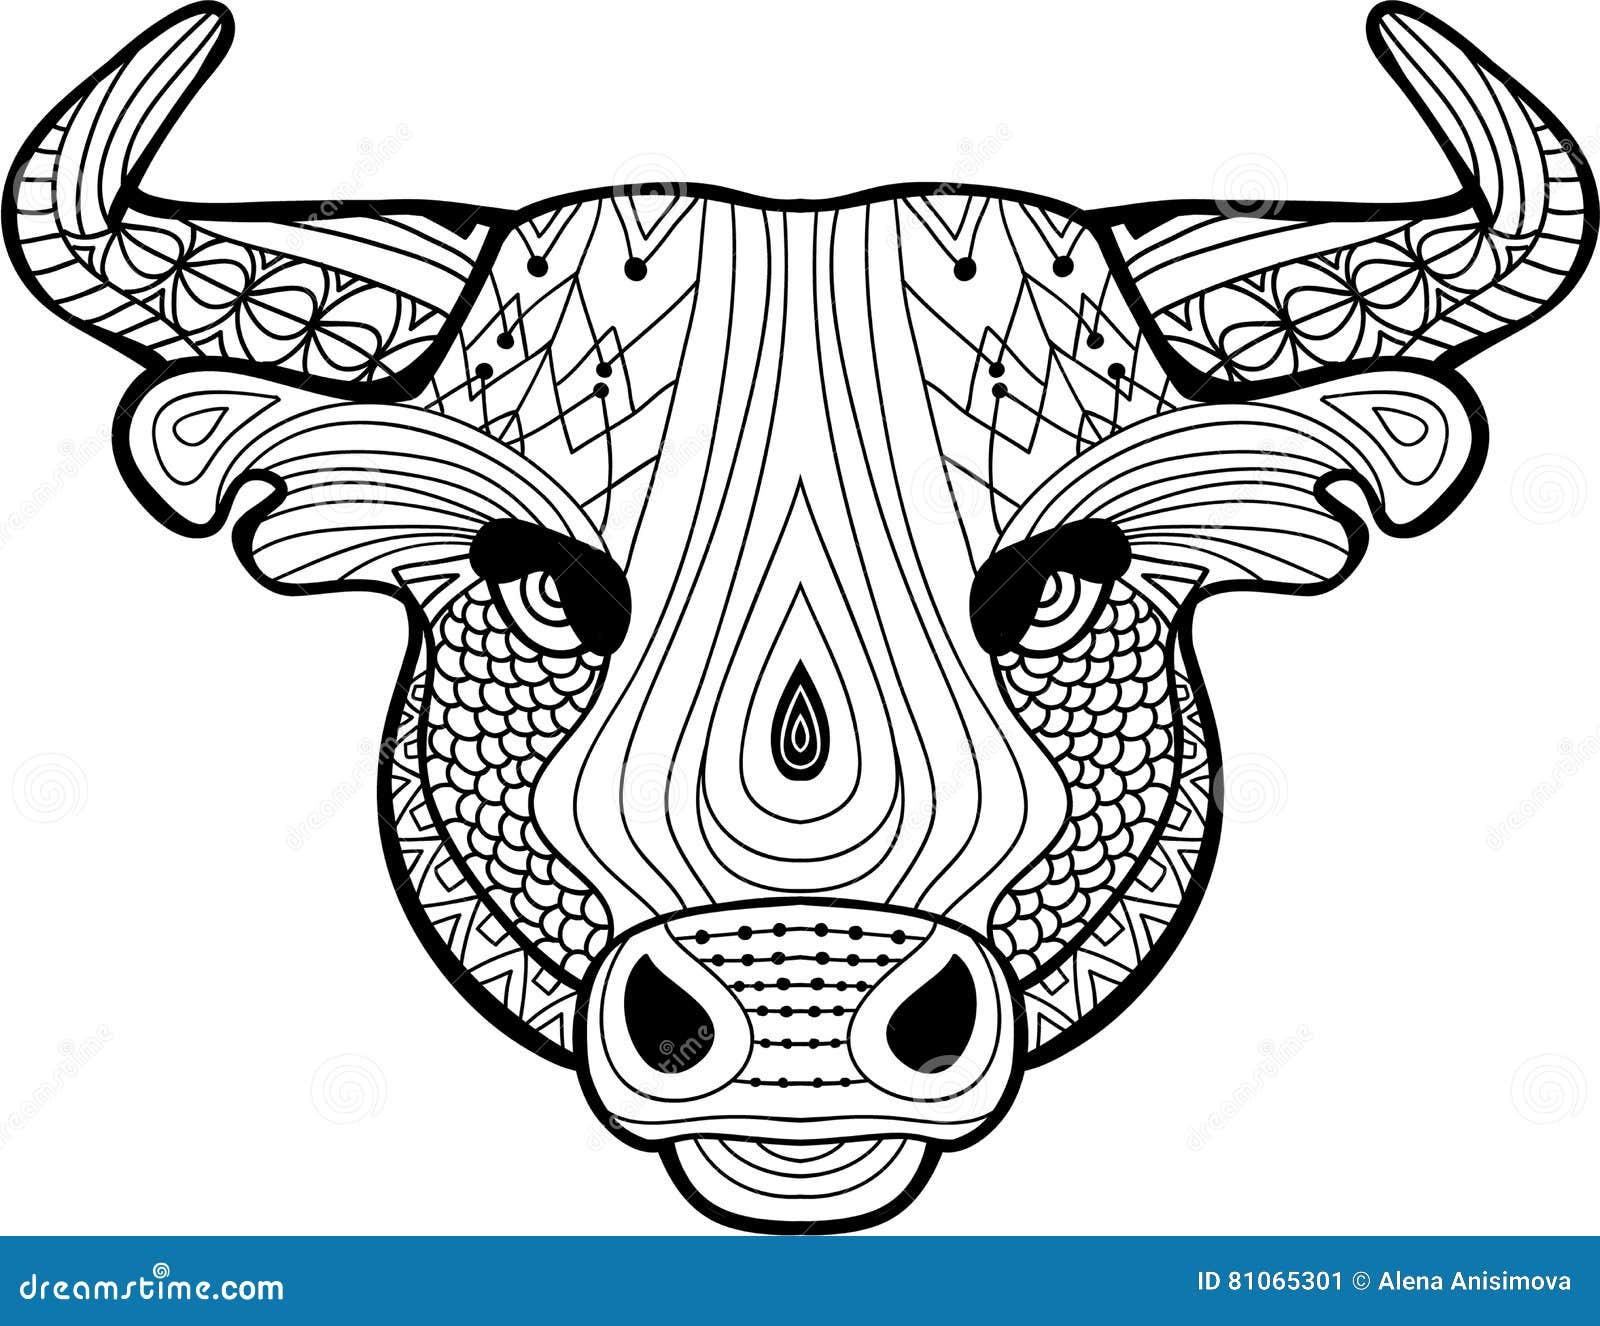 Libro De Colorear Para Los Adultos La Cabeza De Un Búfalo ...